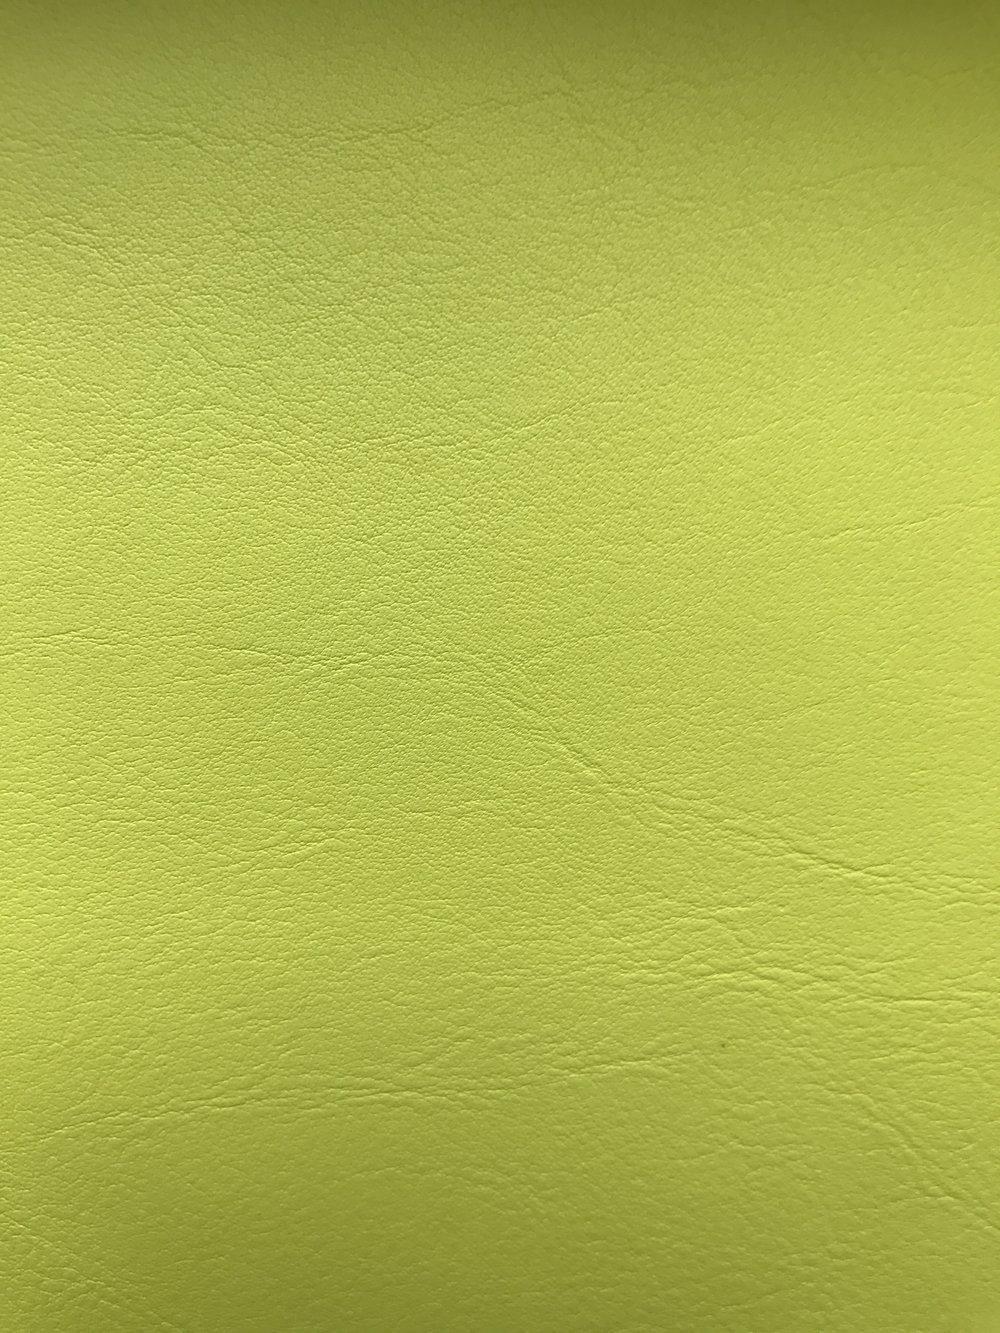 B47 Lime